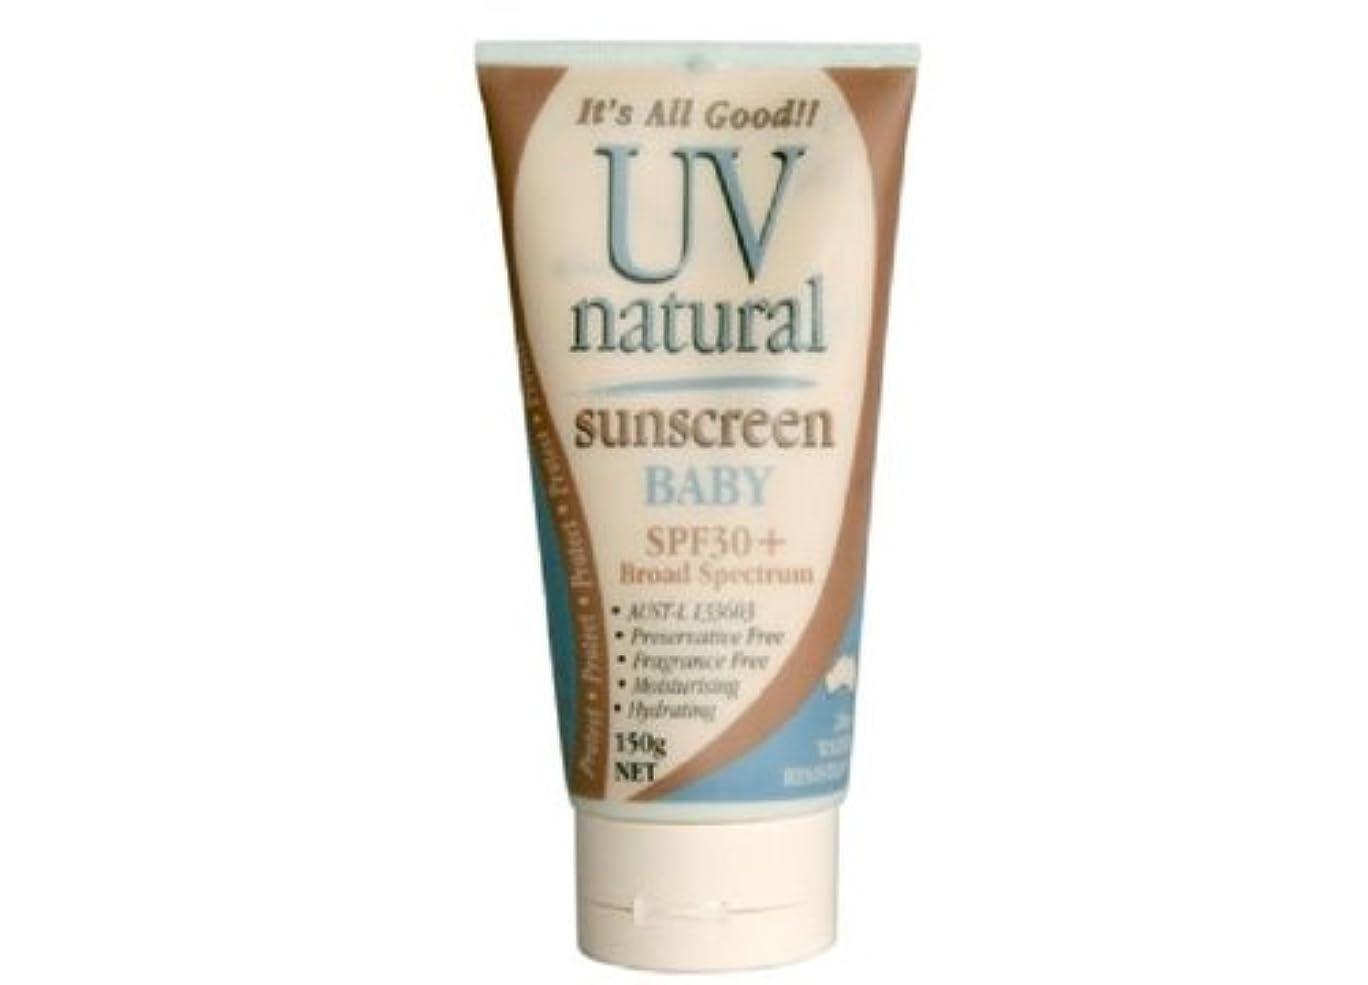 単位現代の驚くばかり【UV NATURAL】Baby 日焼け止め Natural SPF30+ 150g 3本セット